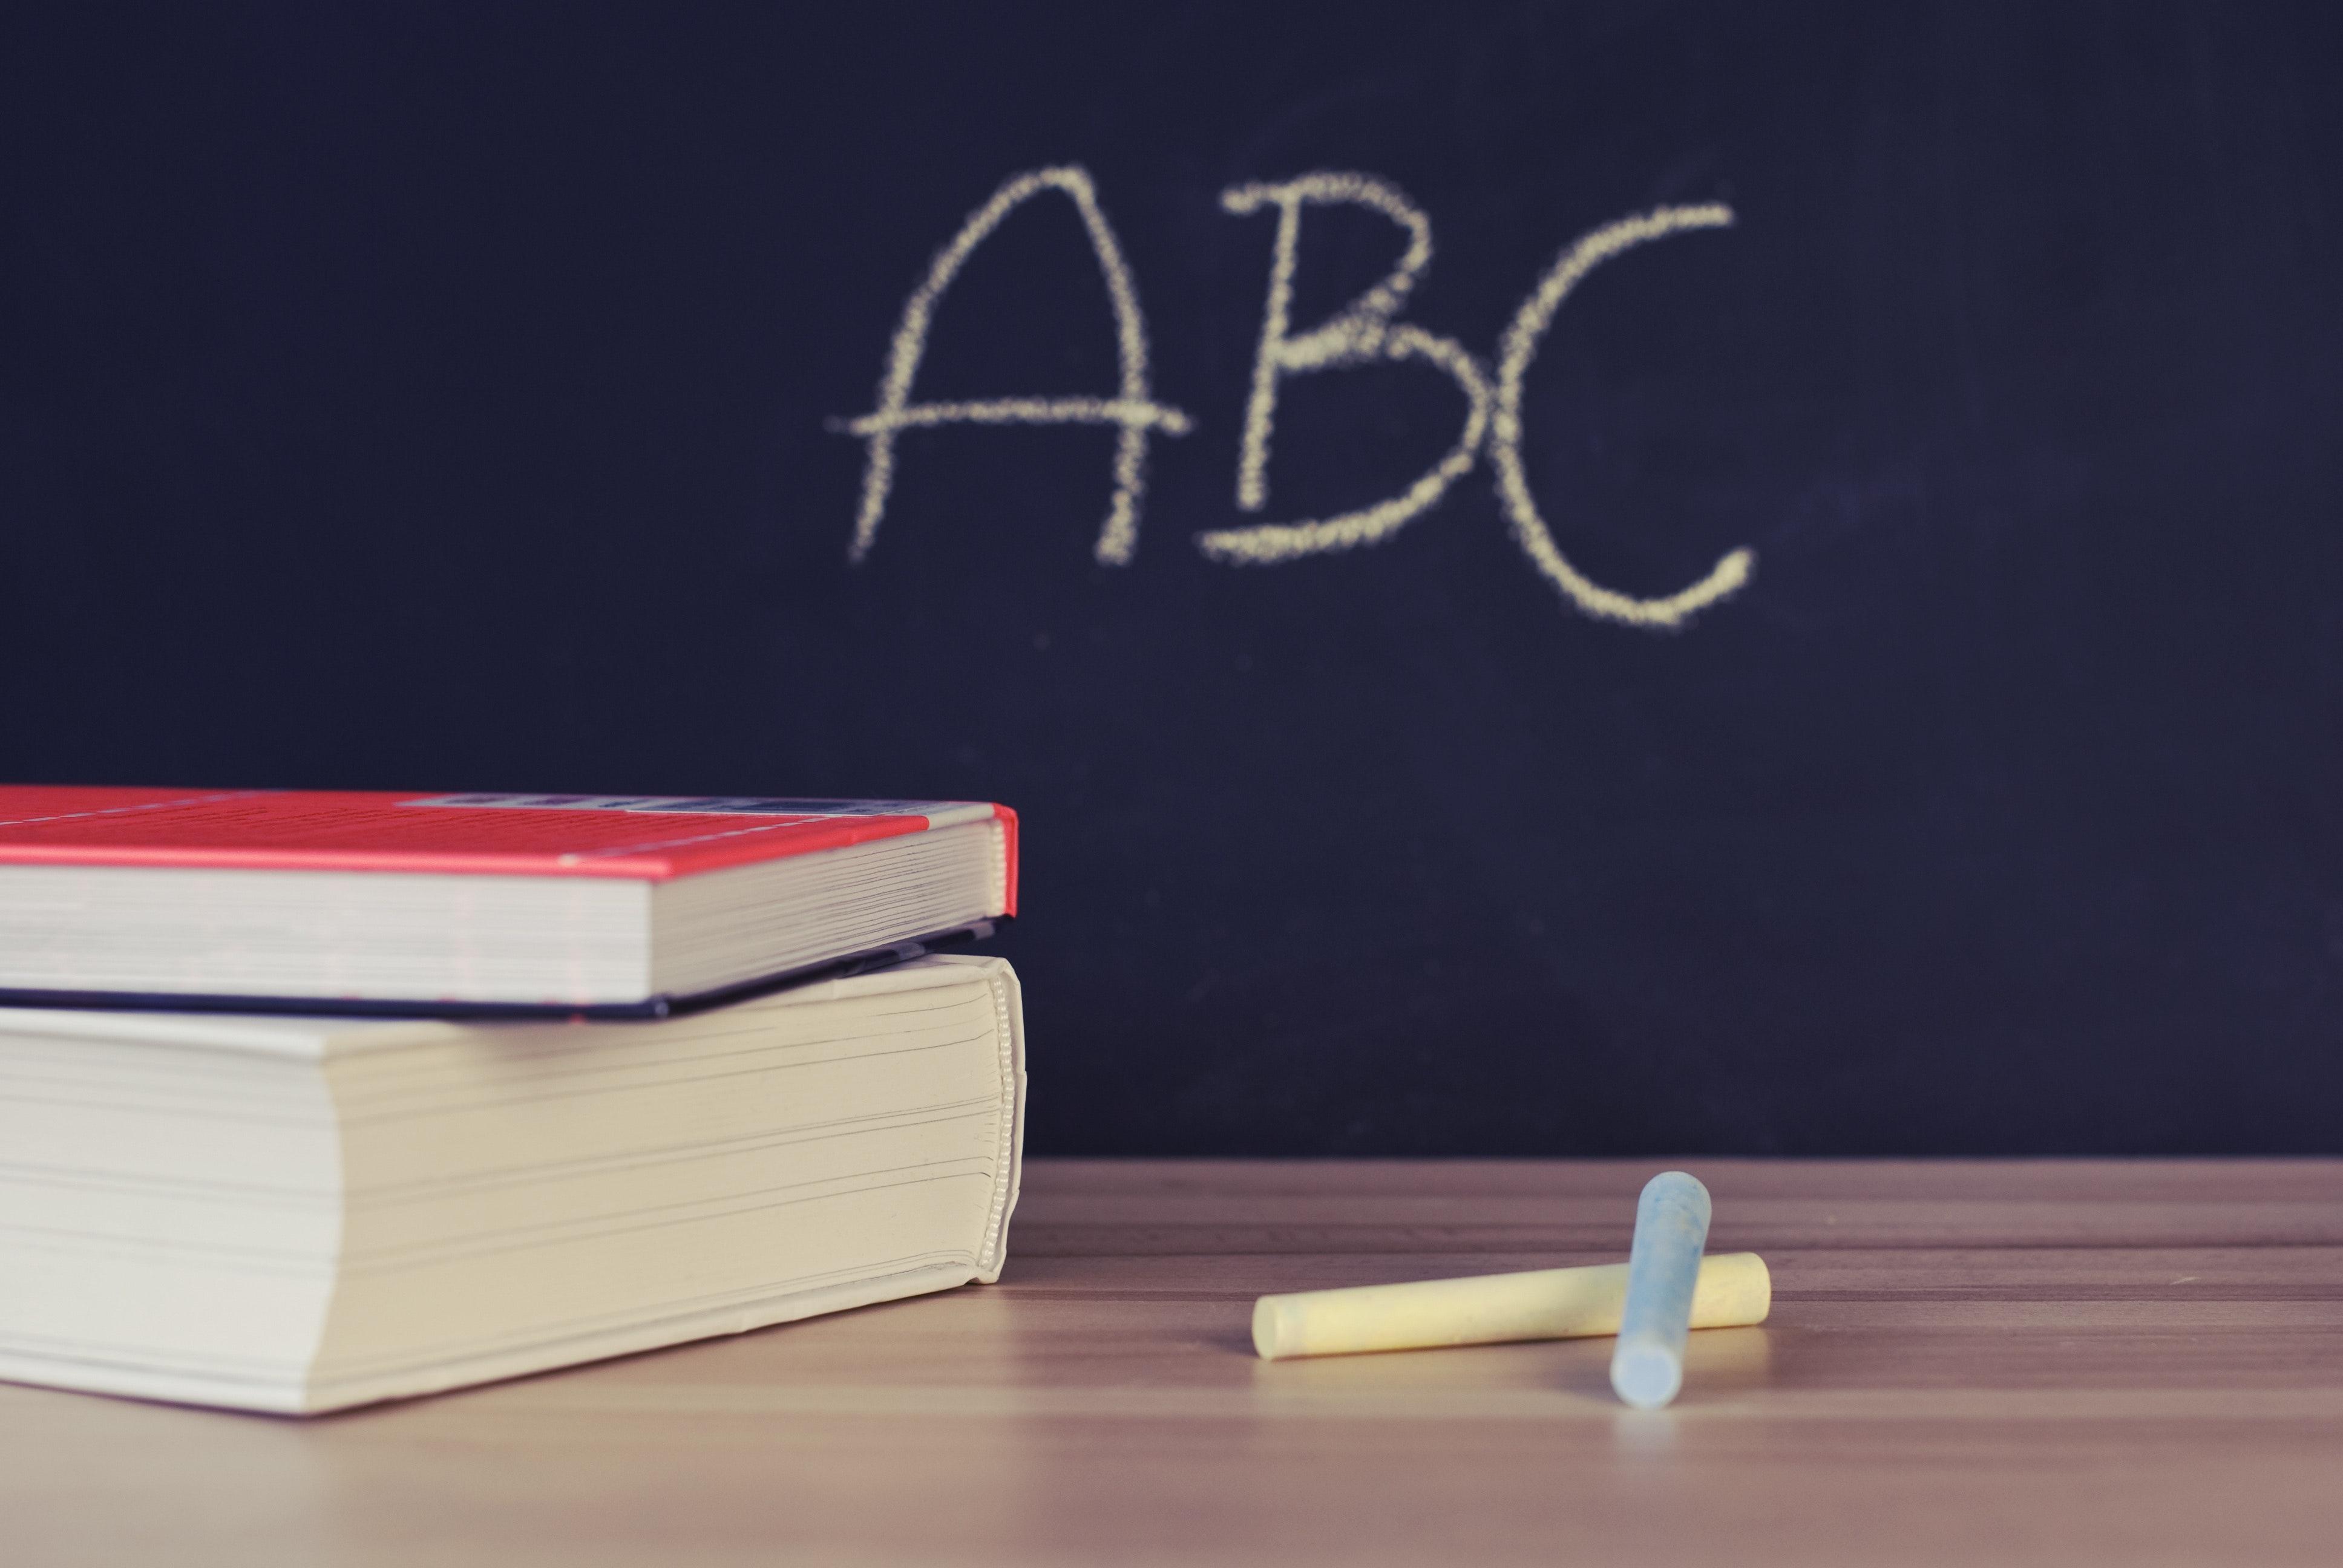 теоретичная та практична значущість дипломної роботи